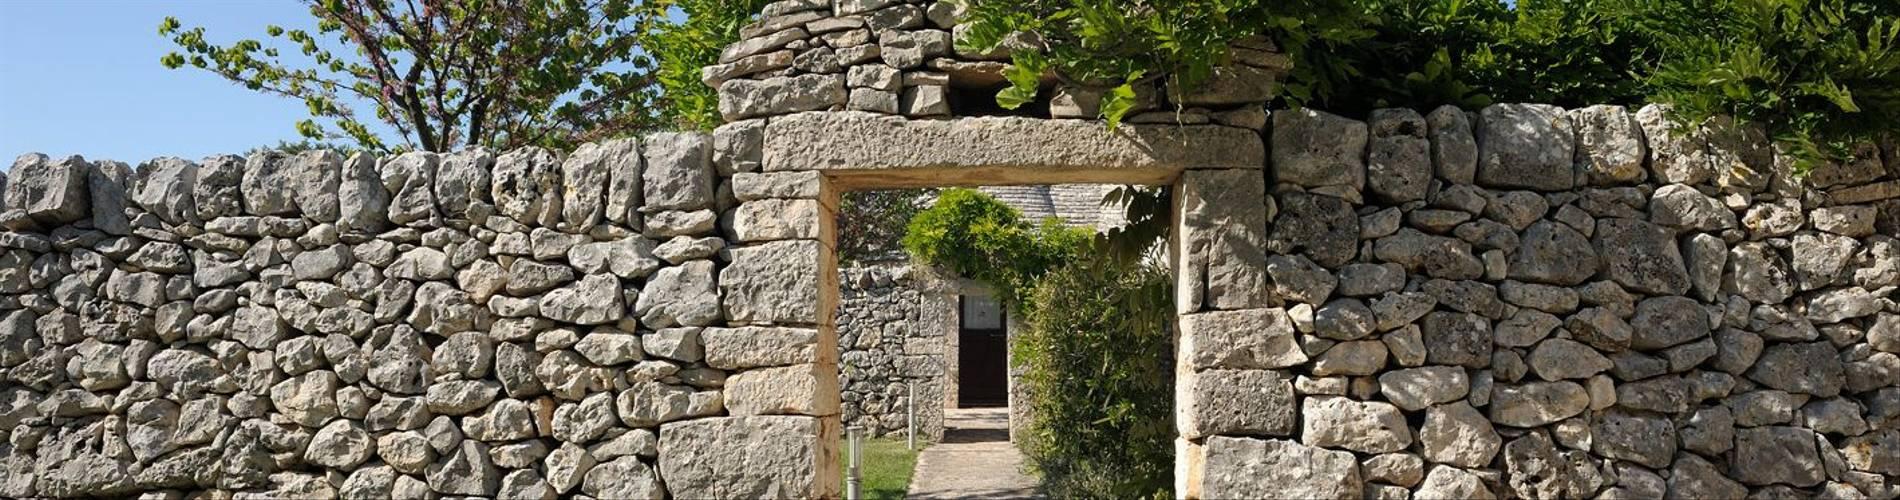 Il Nocino, Puglia, Italy (34).jpg